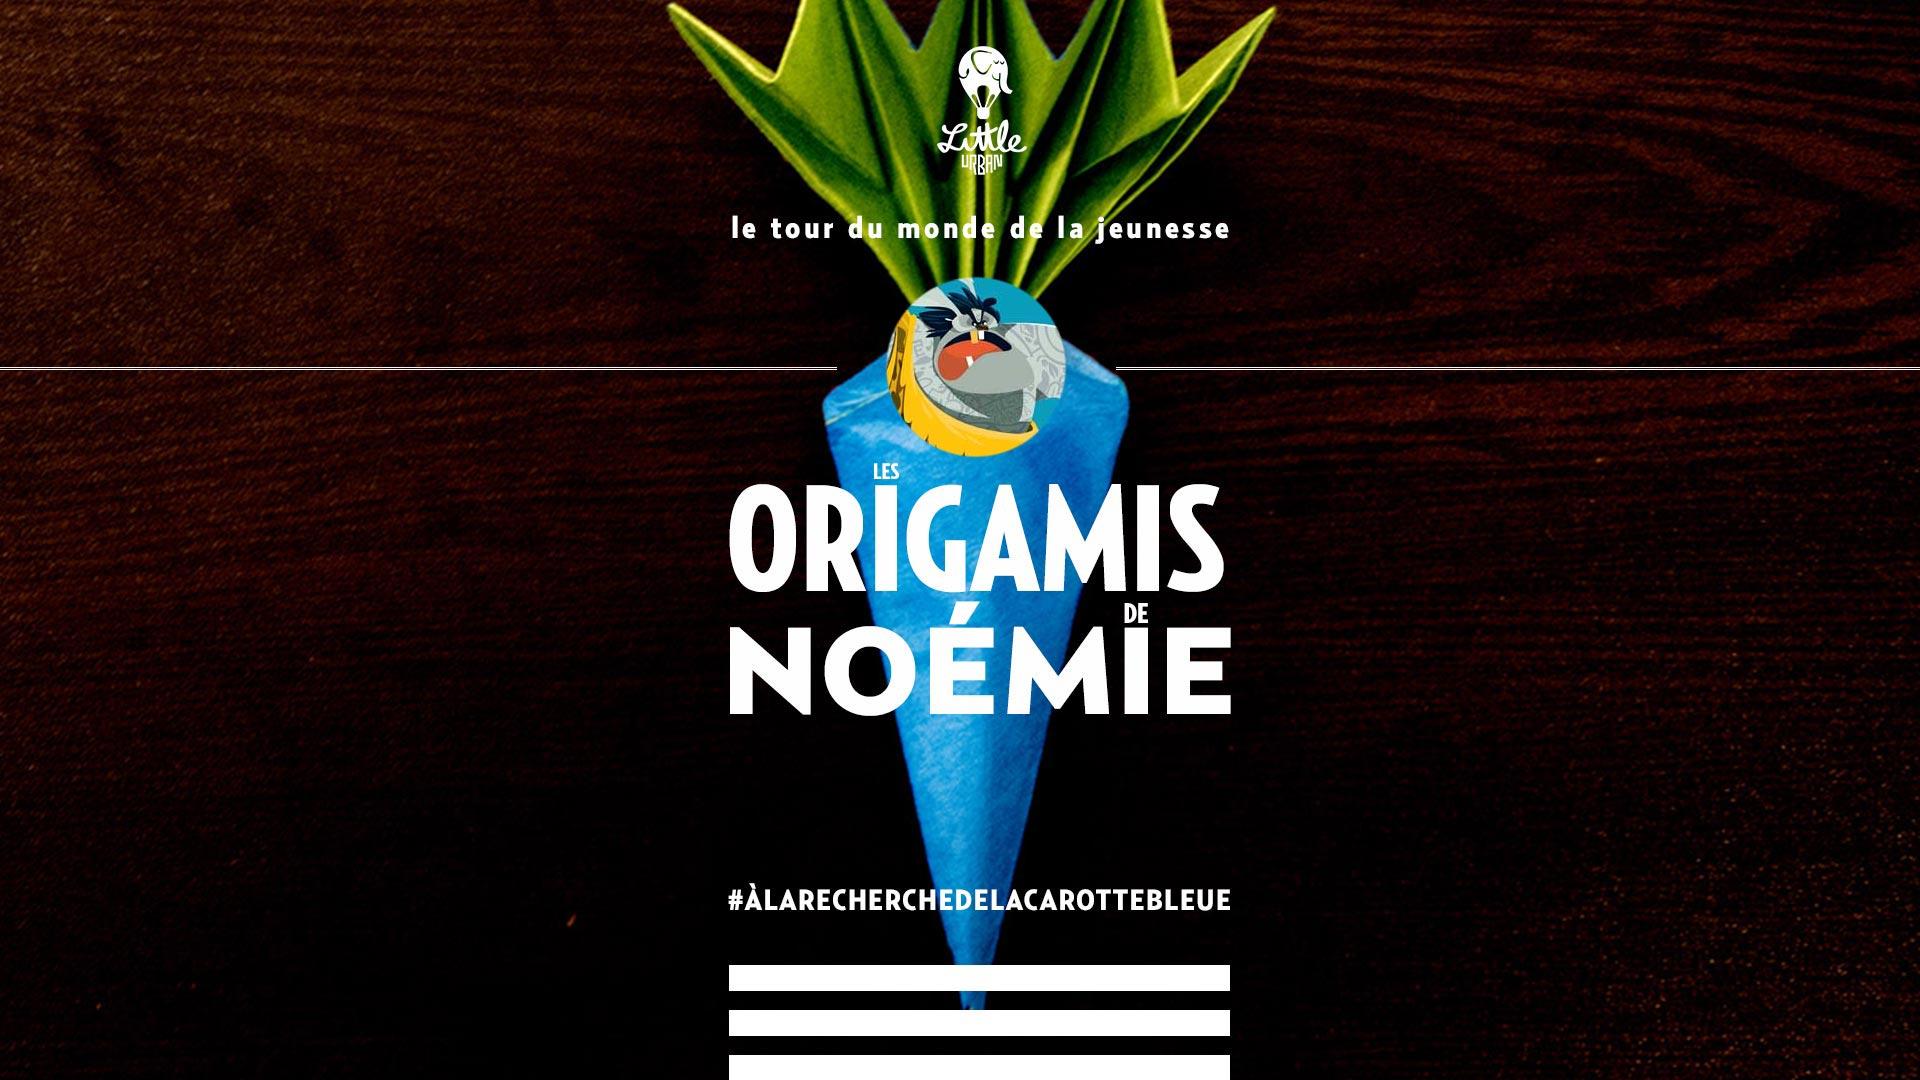 Carotte Bleue destiné atelier origami : À la recherche de la carotte bleue - little urban